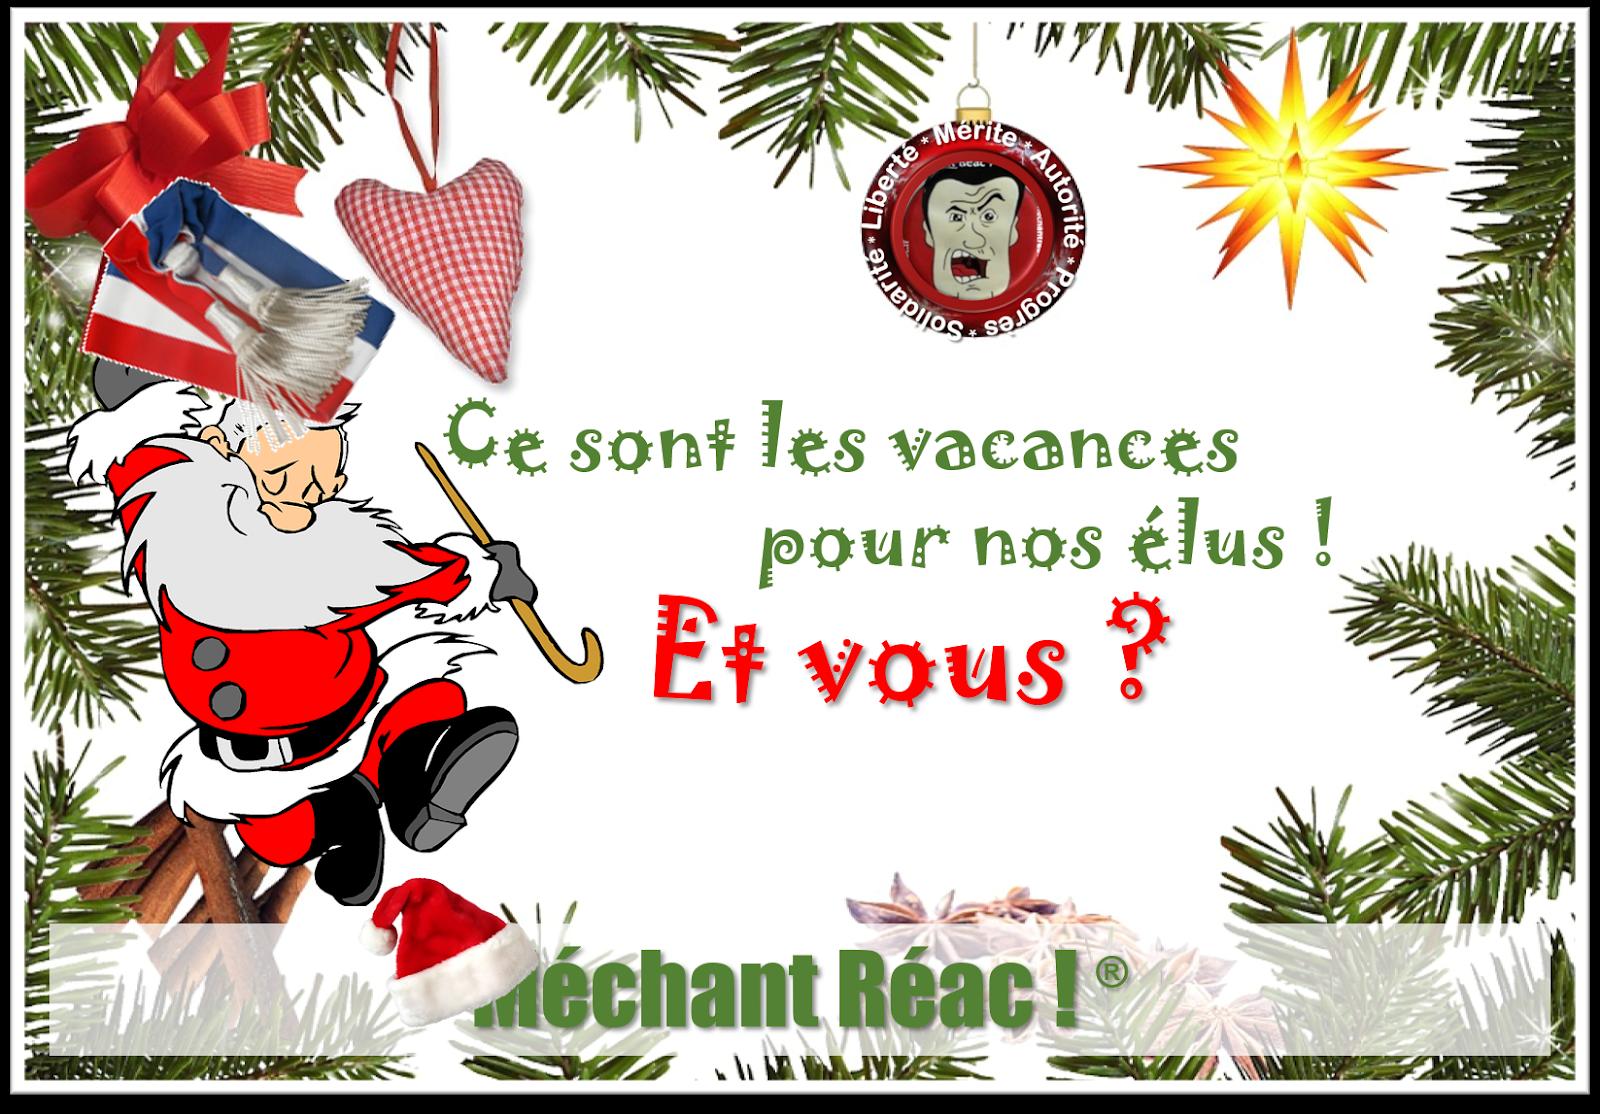 https://mechantreac.blogspot.com/2018/12/les-vacances-de-noel-2018-de-nos-elus.html